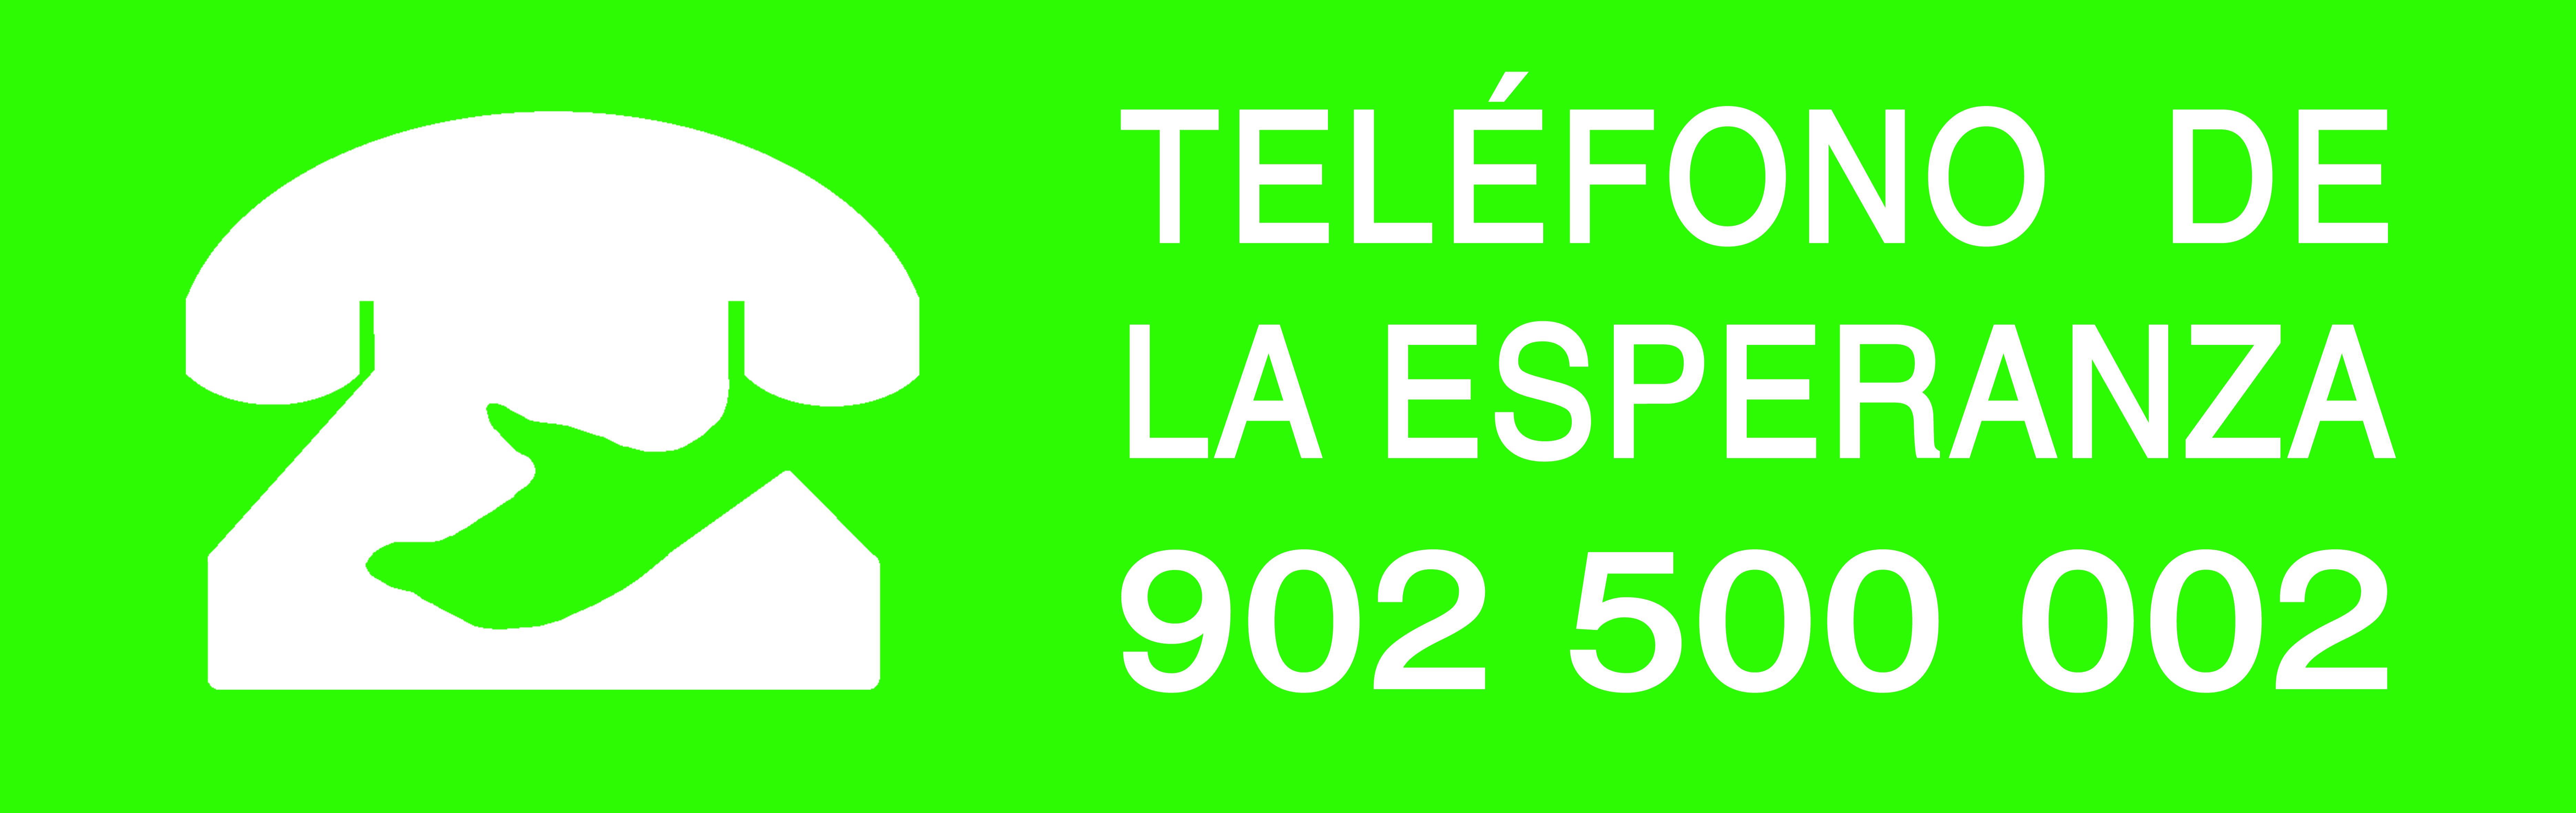 Acuerdo entre la DGT y el Teléfono de la Esperanza